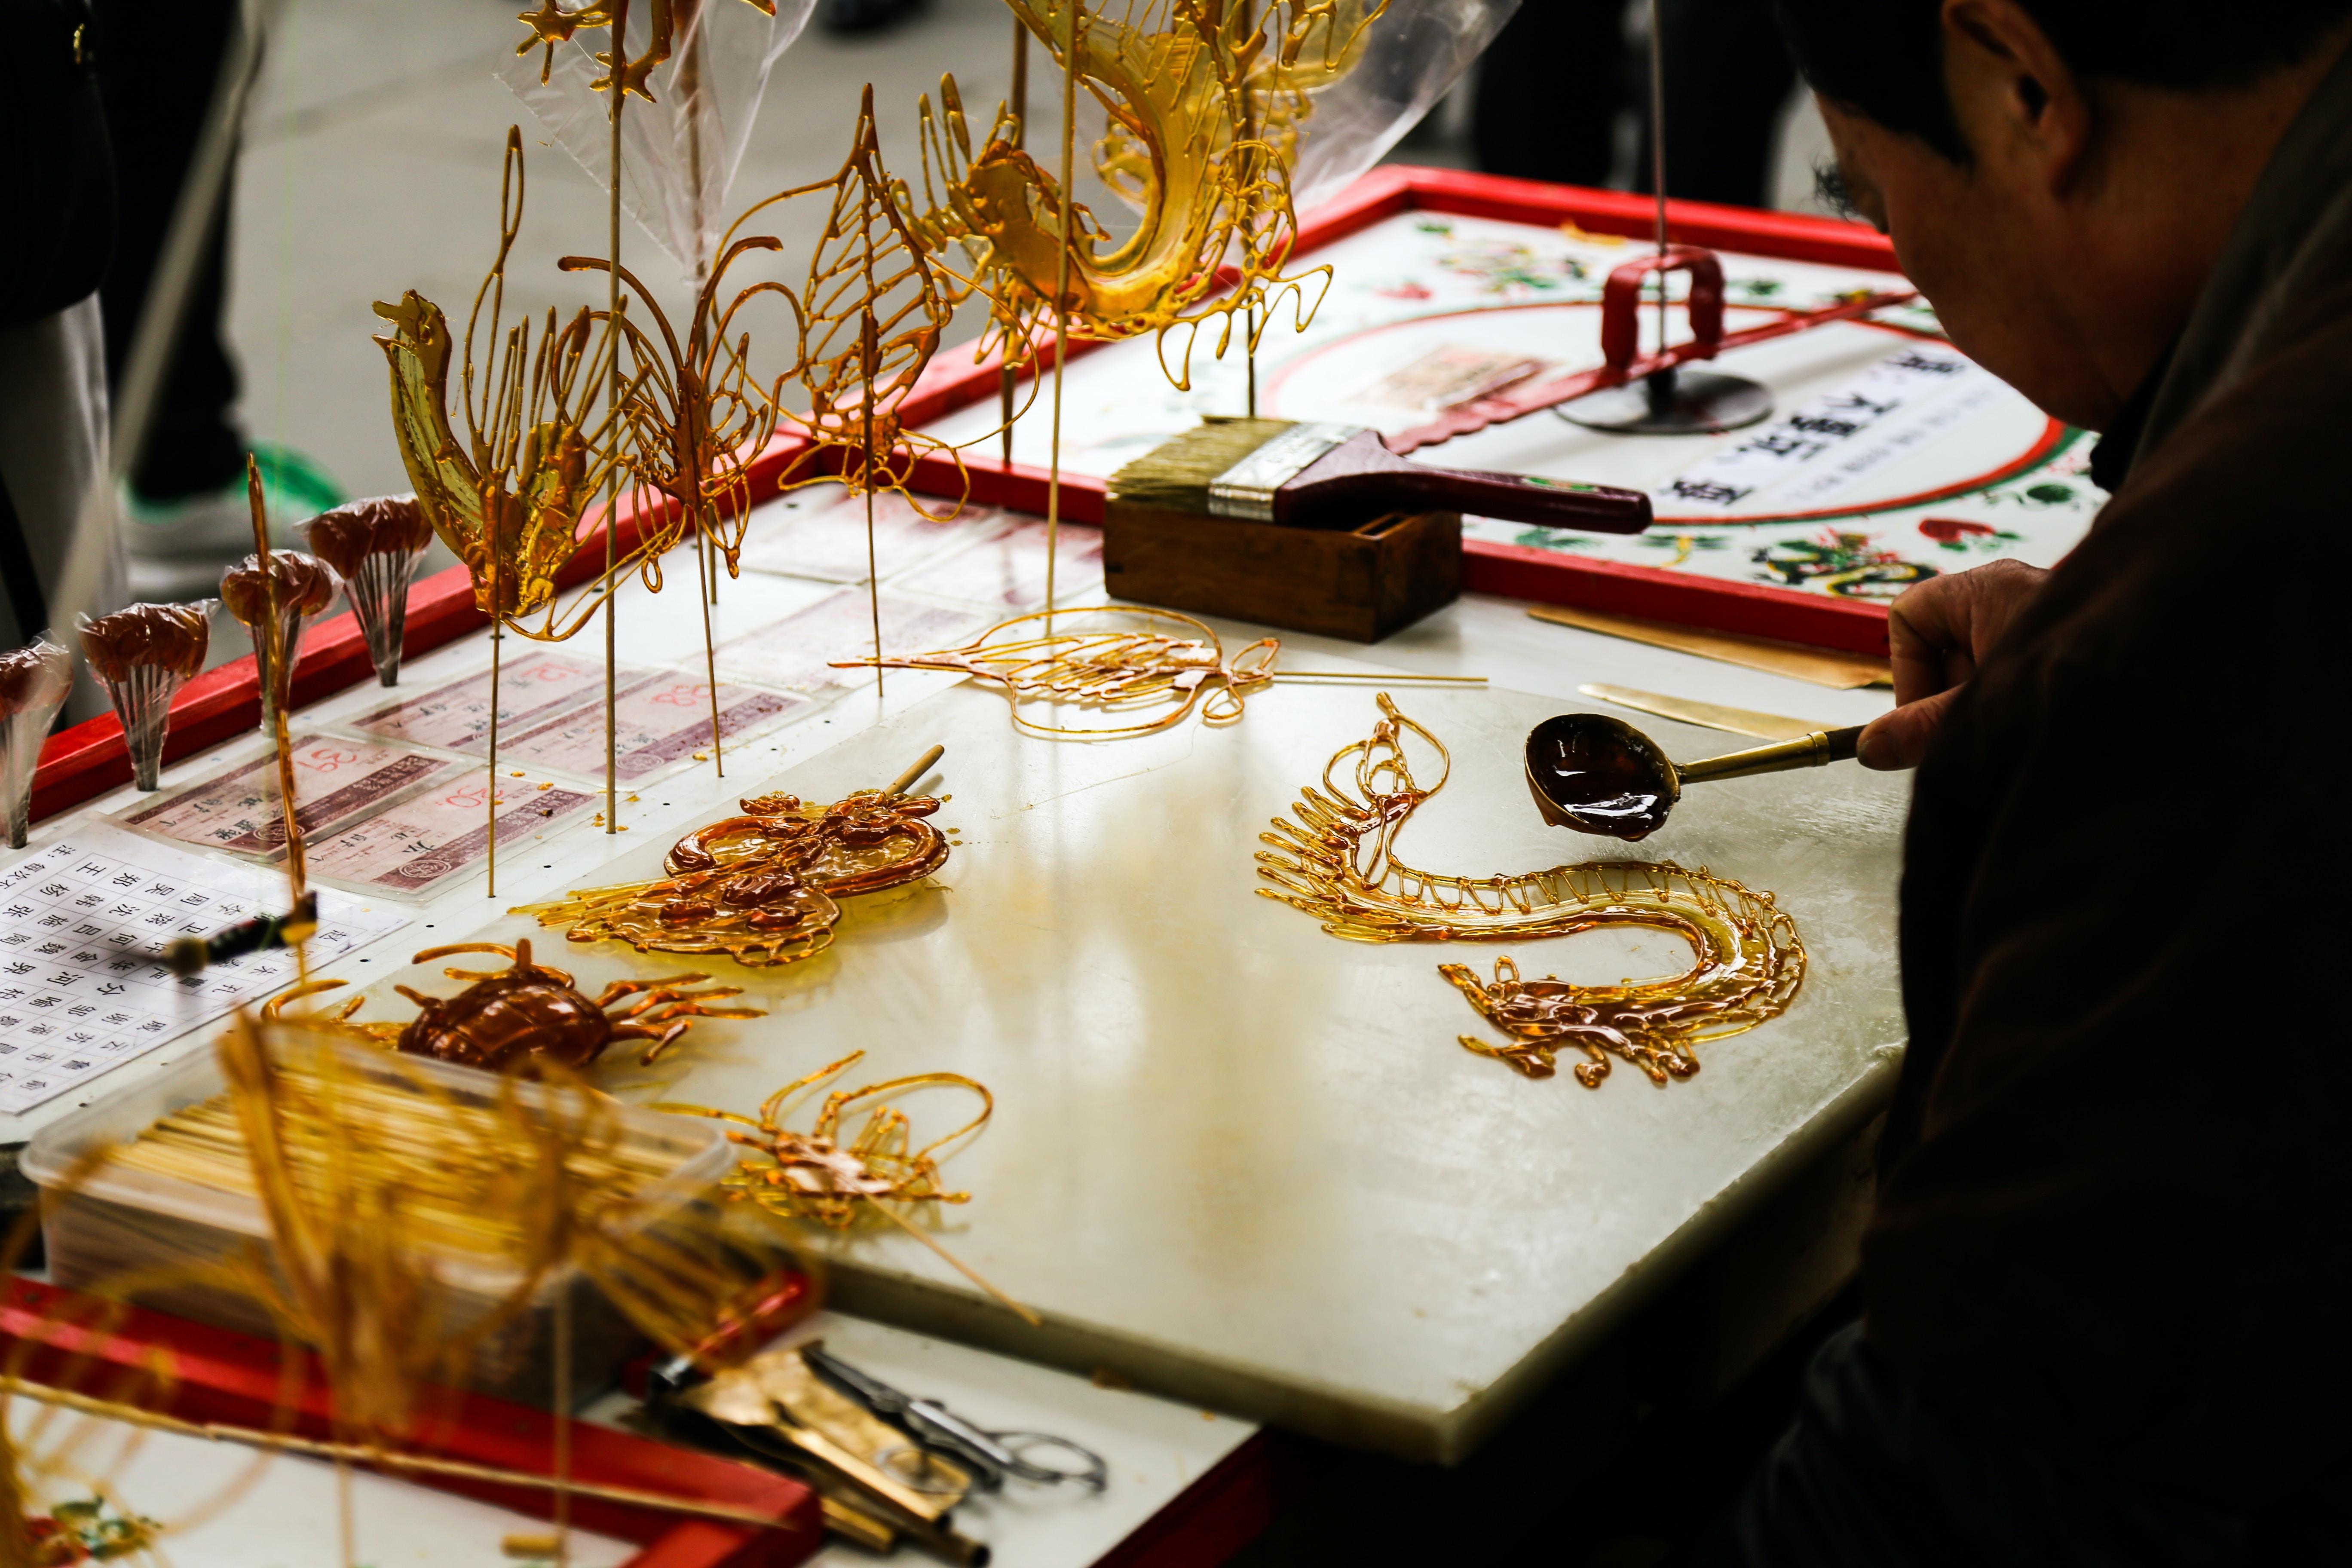 man doing dragon art on table